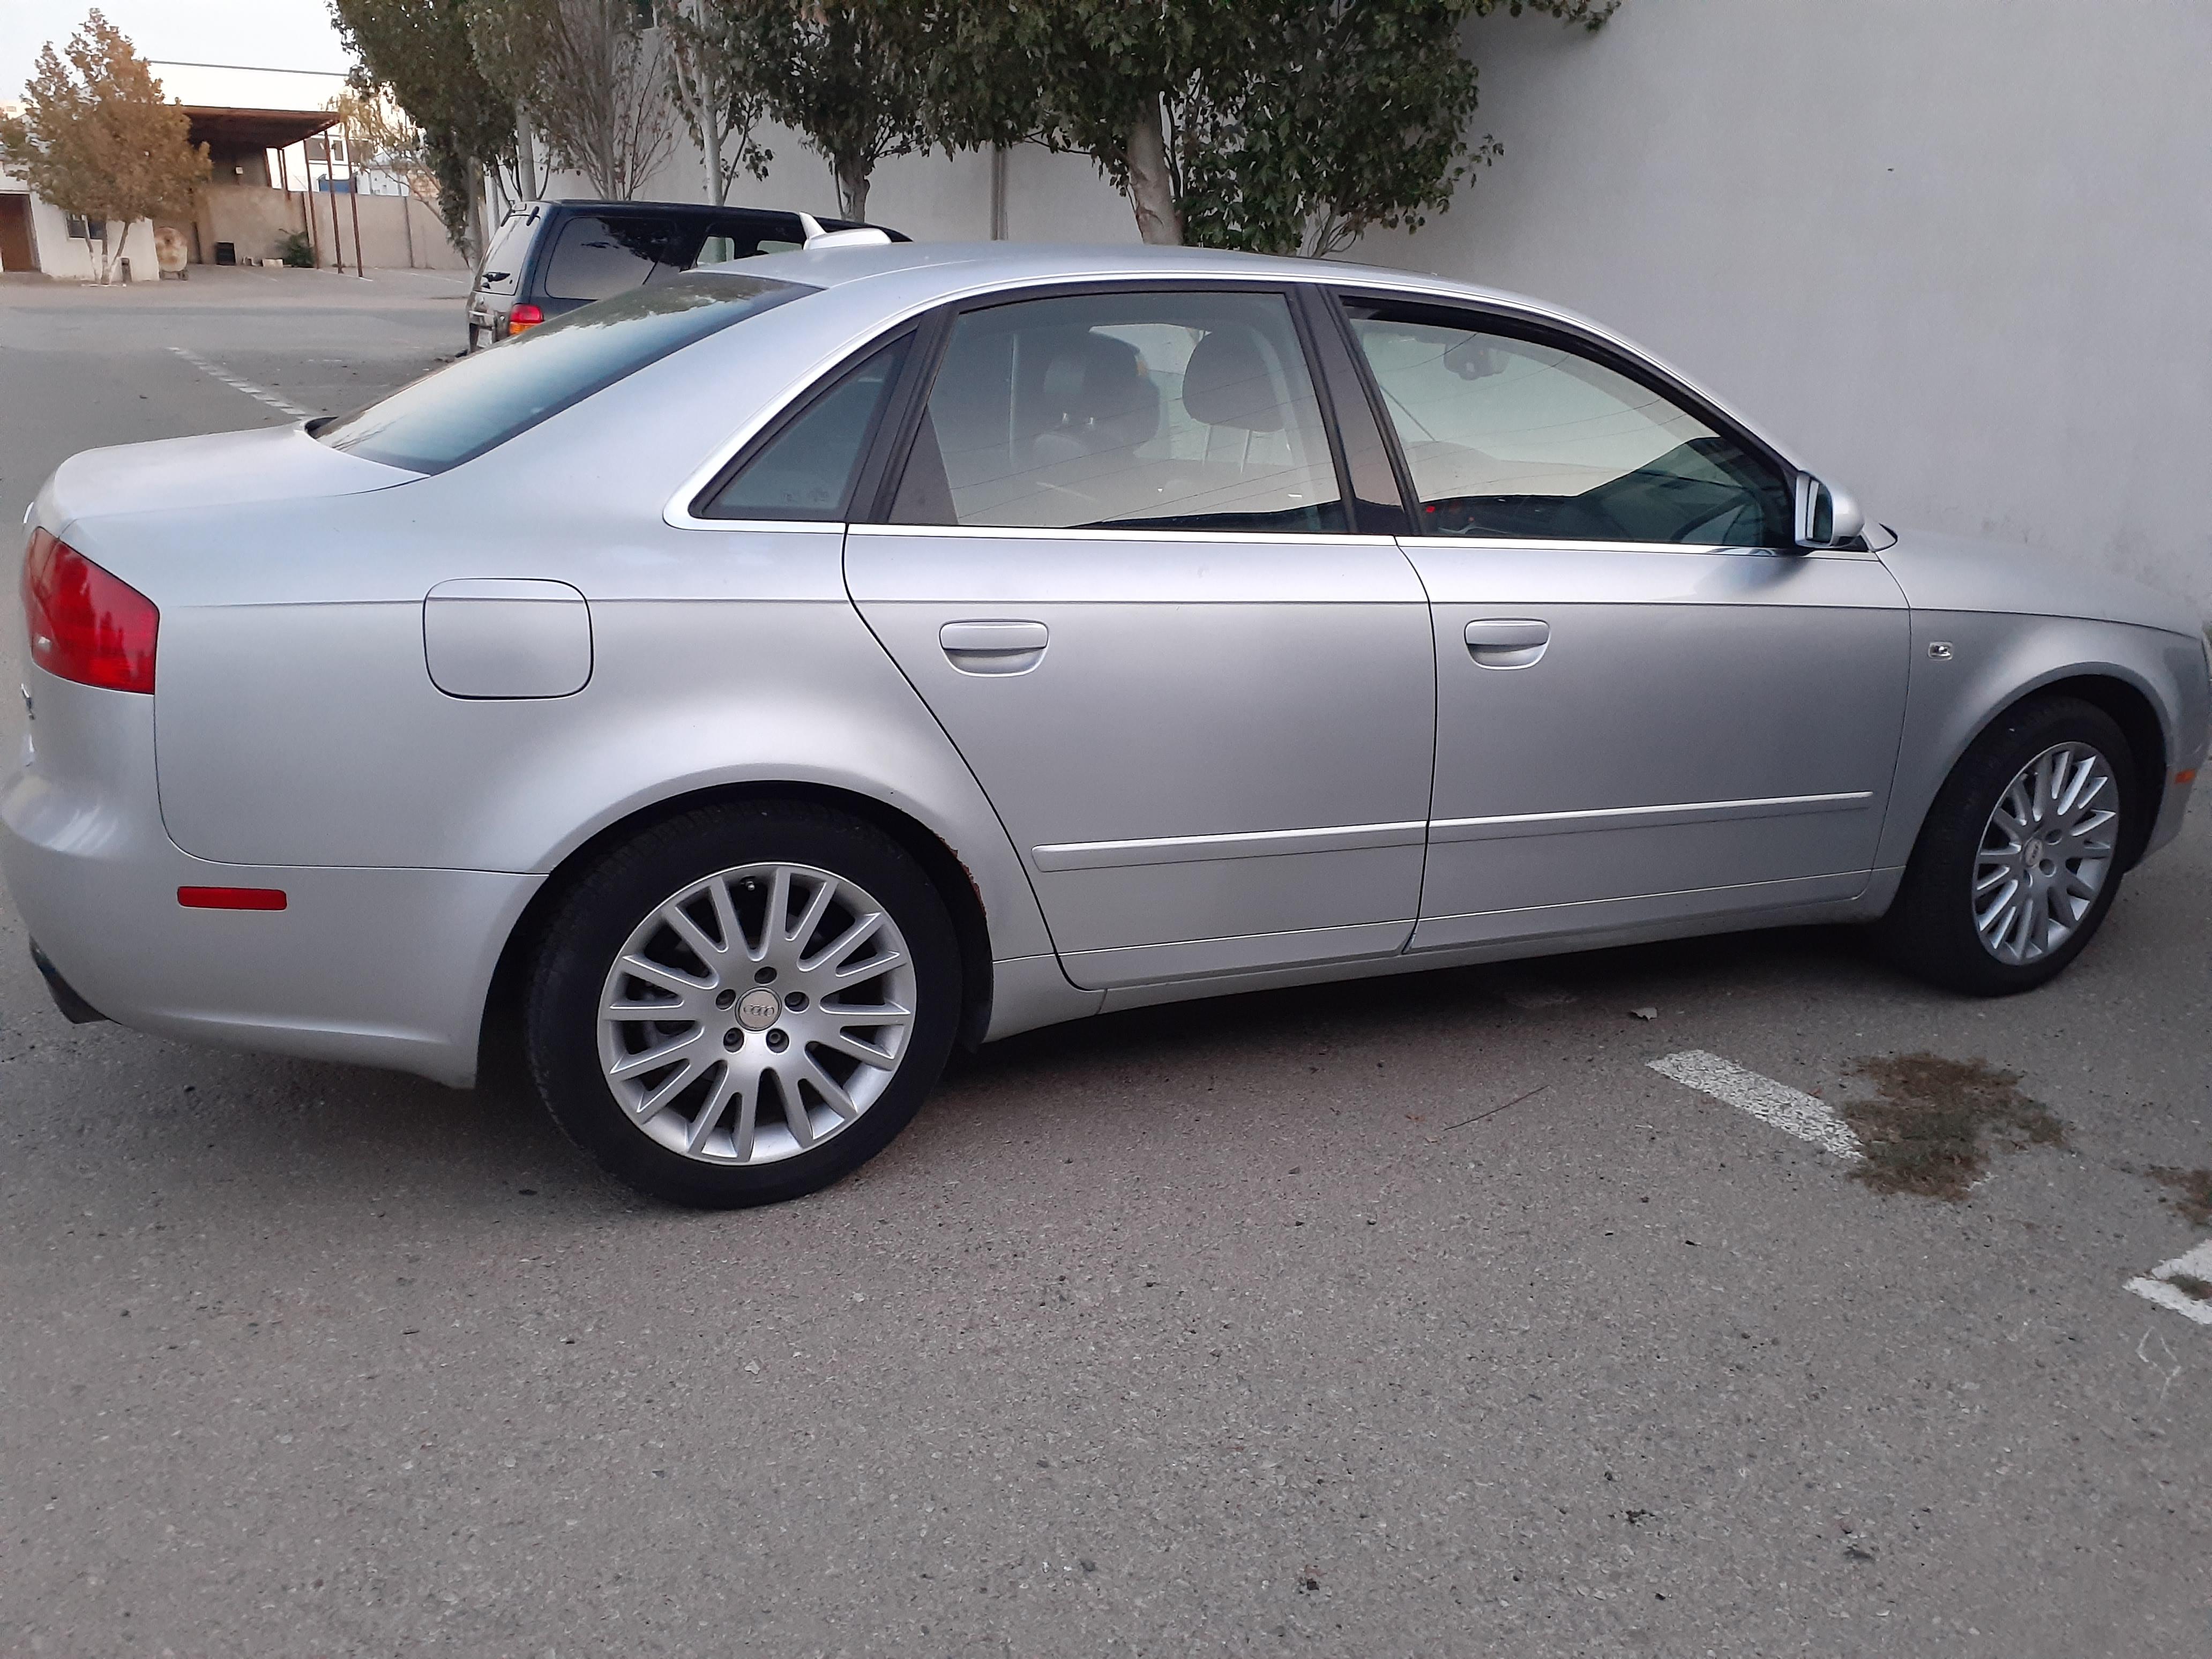 Audi A4 2.0(lt) 2006 Подержанный  $7300